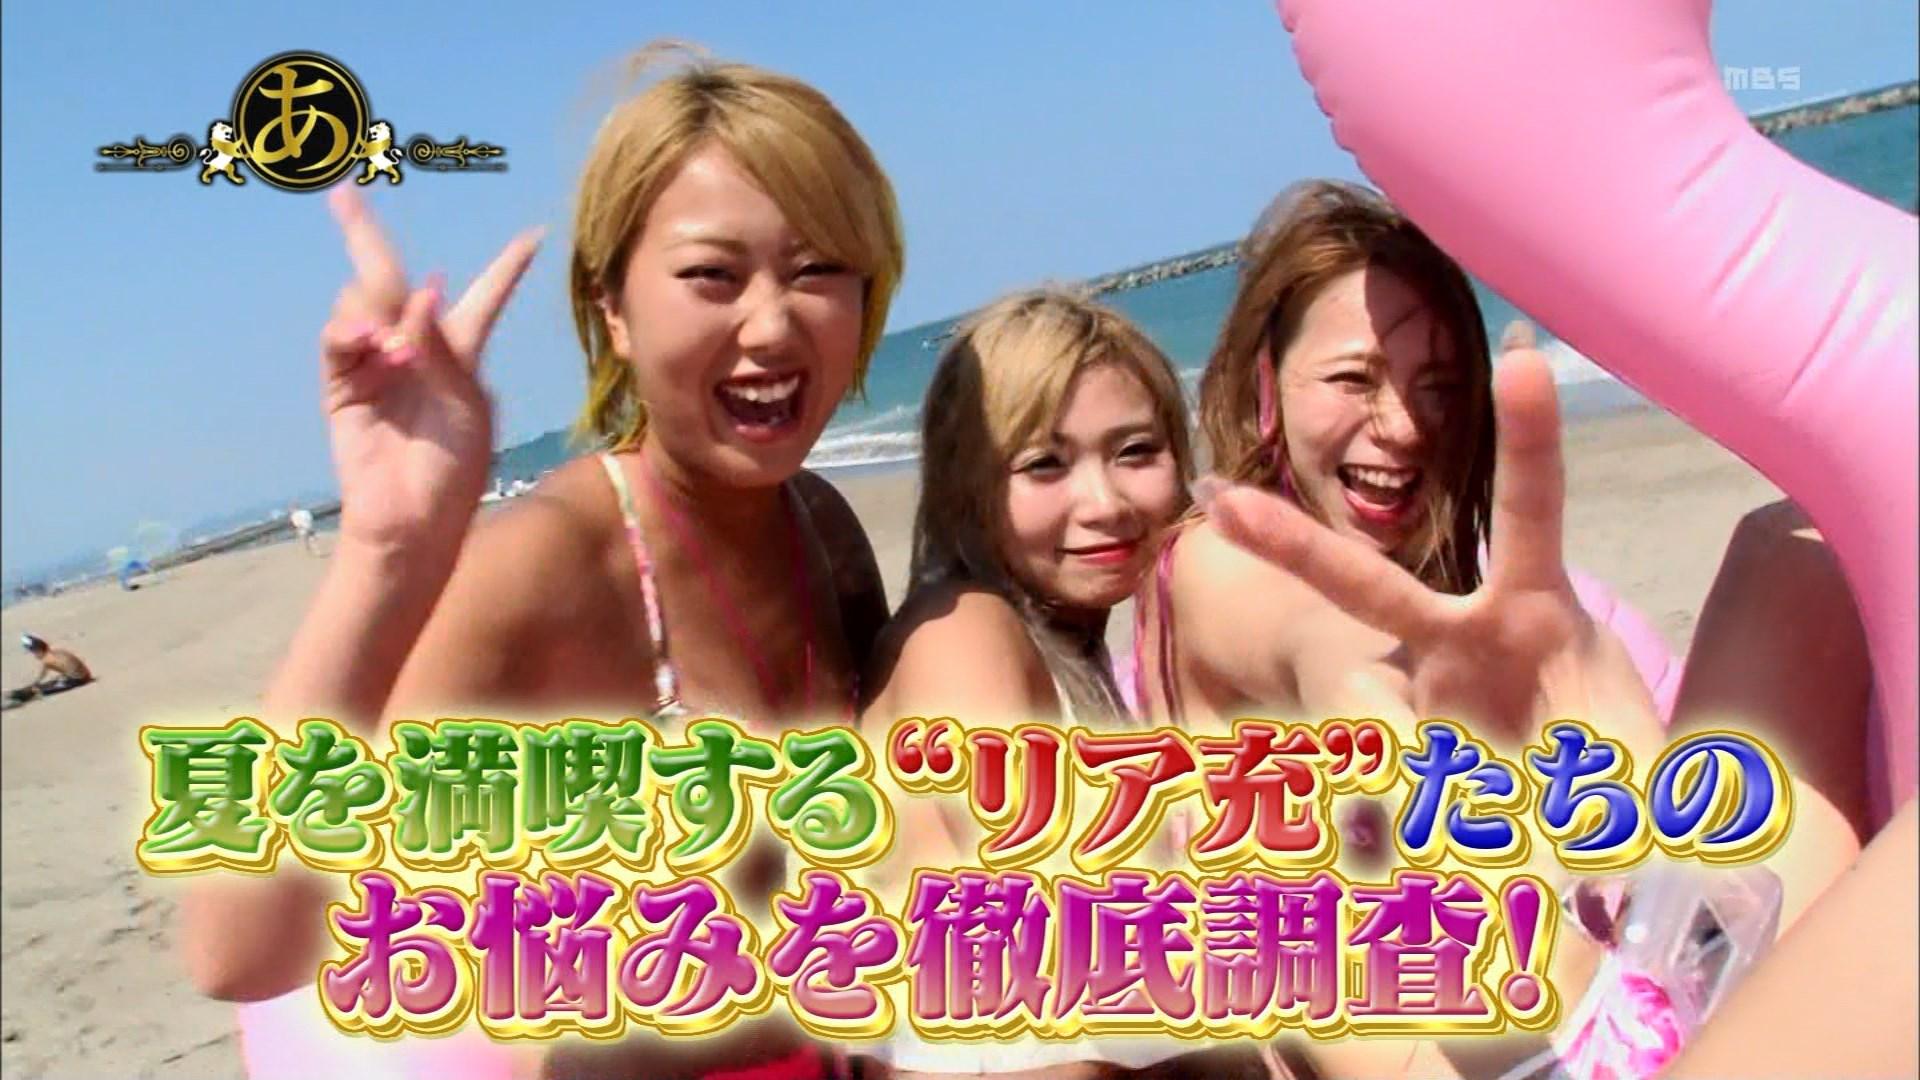 江ノ島にはお尻丸出し変態水着でナンパ待ちしてるビッチリア充が生息している模様wwwww(TVエロキャプ画像あり)・2枚目の画像